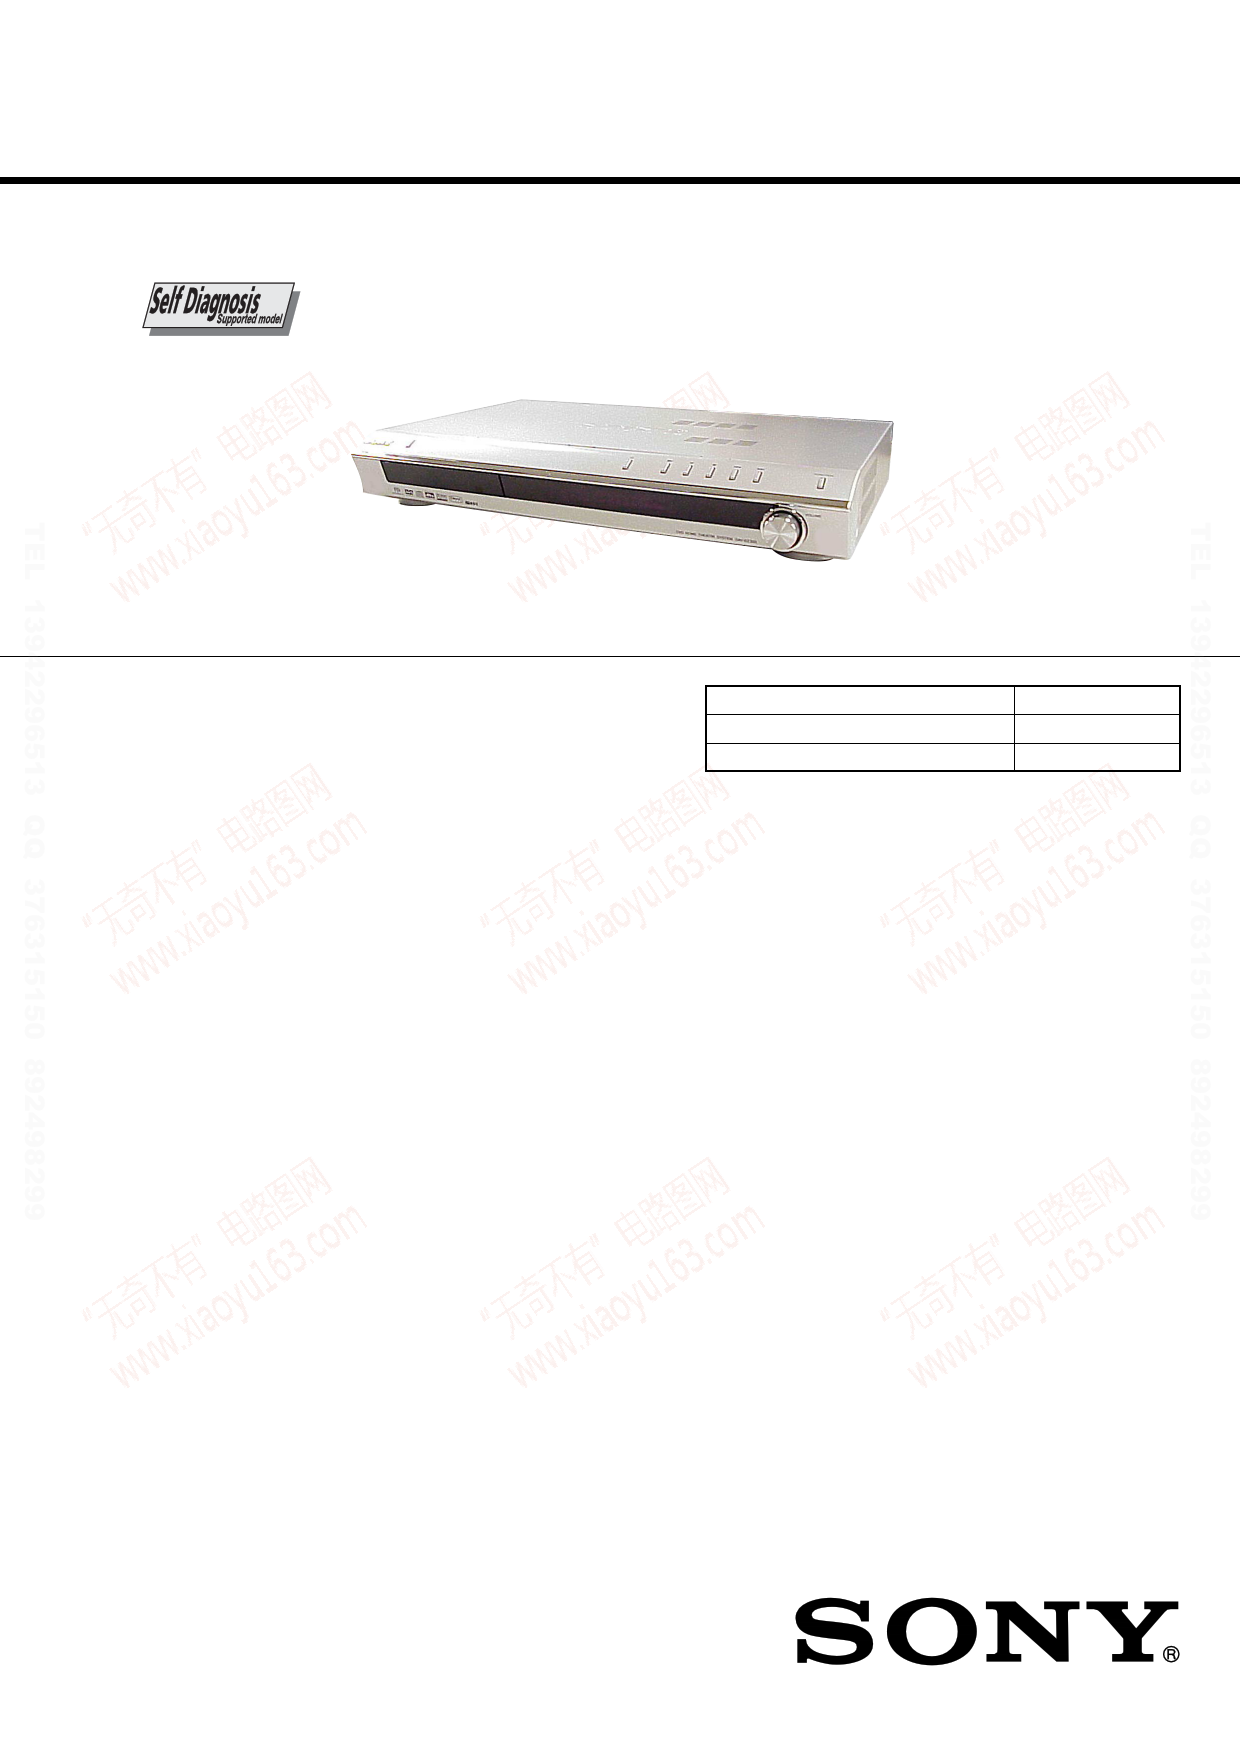 hcd-dz100 datasheet pdf   pinout    dvd